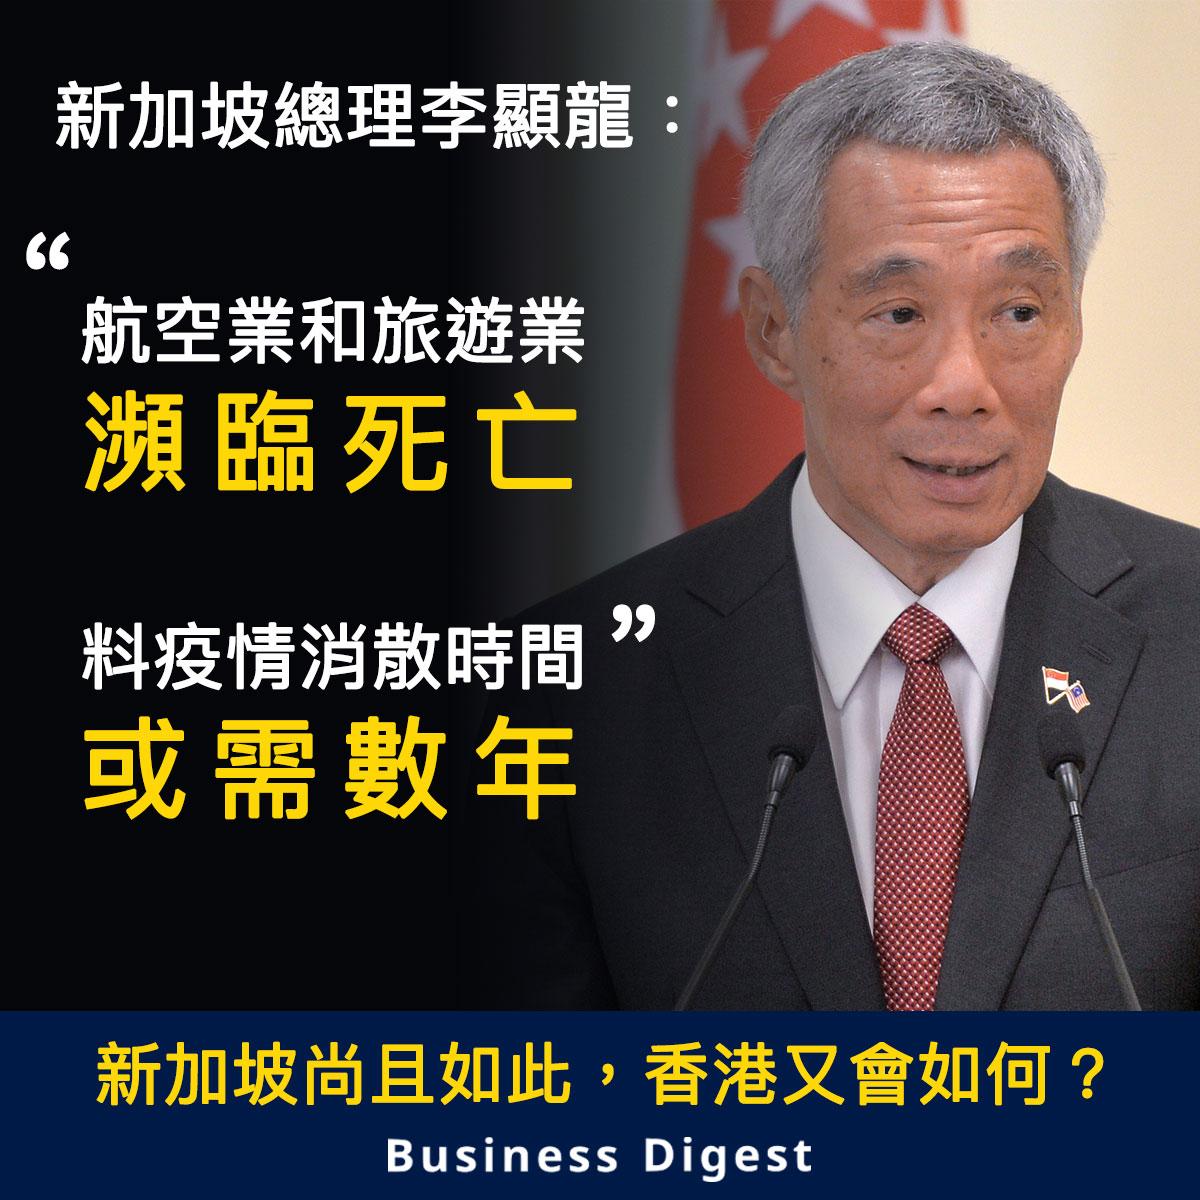 【商業熱話】新加坡總理李顯龍:「航空業和旅遊業瀕臨死亡,料疫情消散時間或需數年」